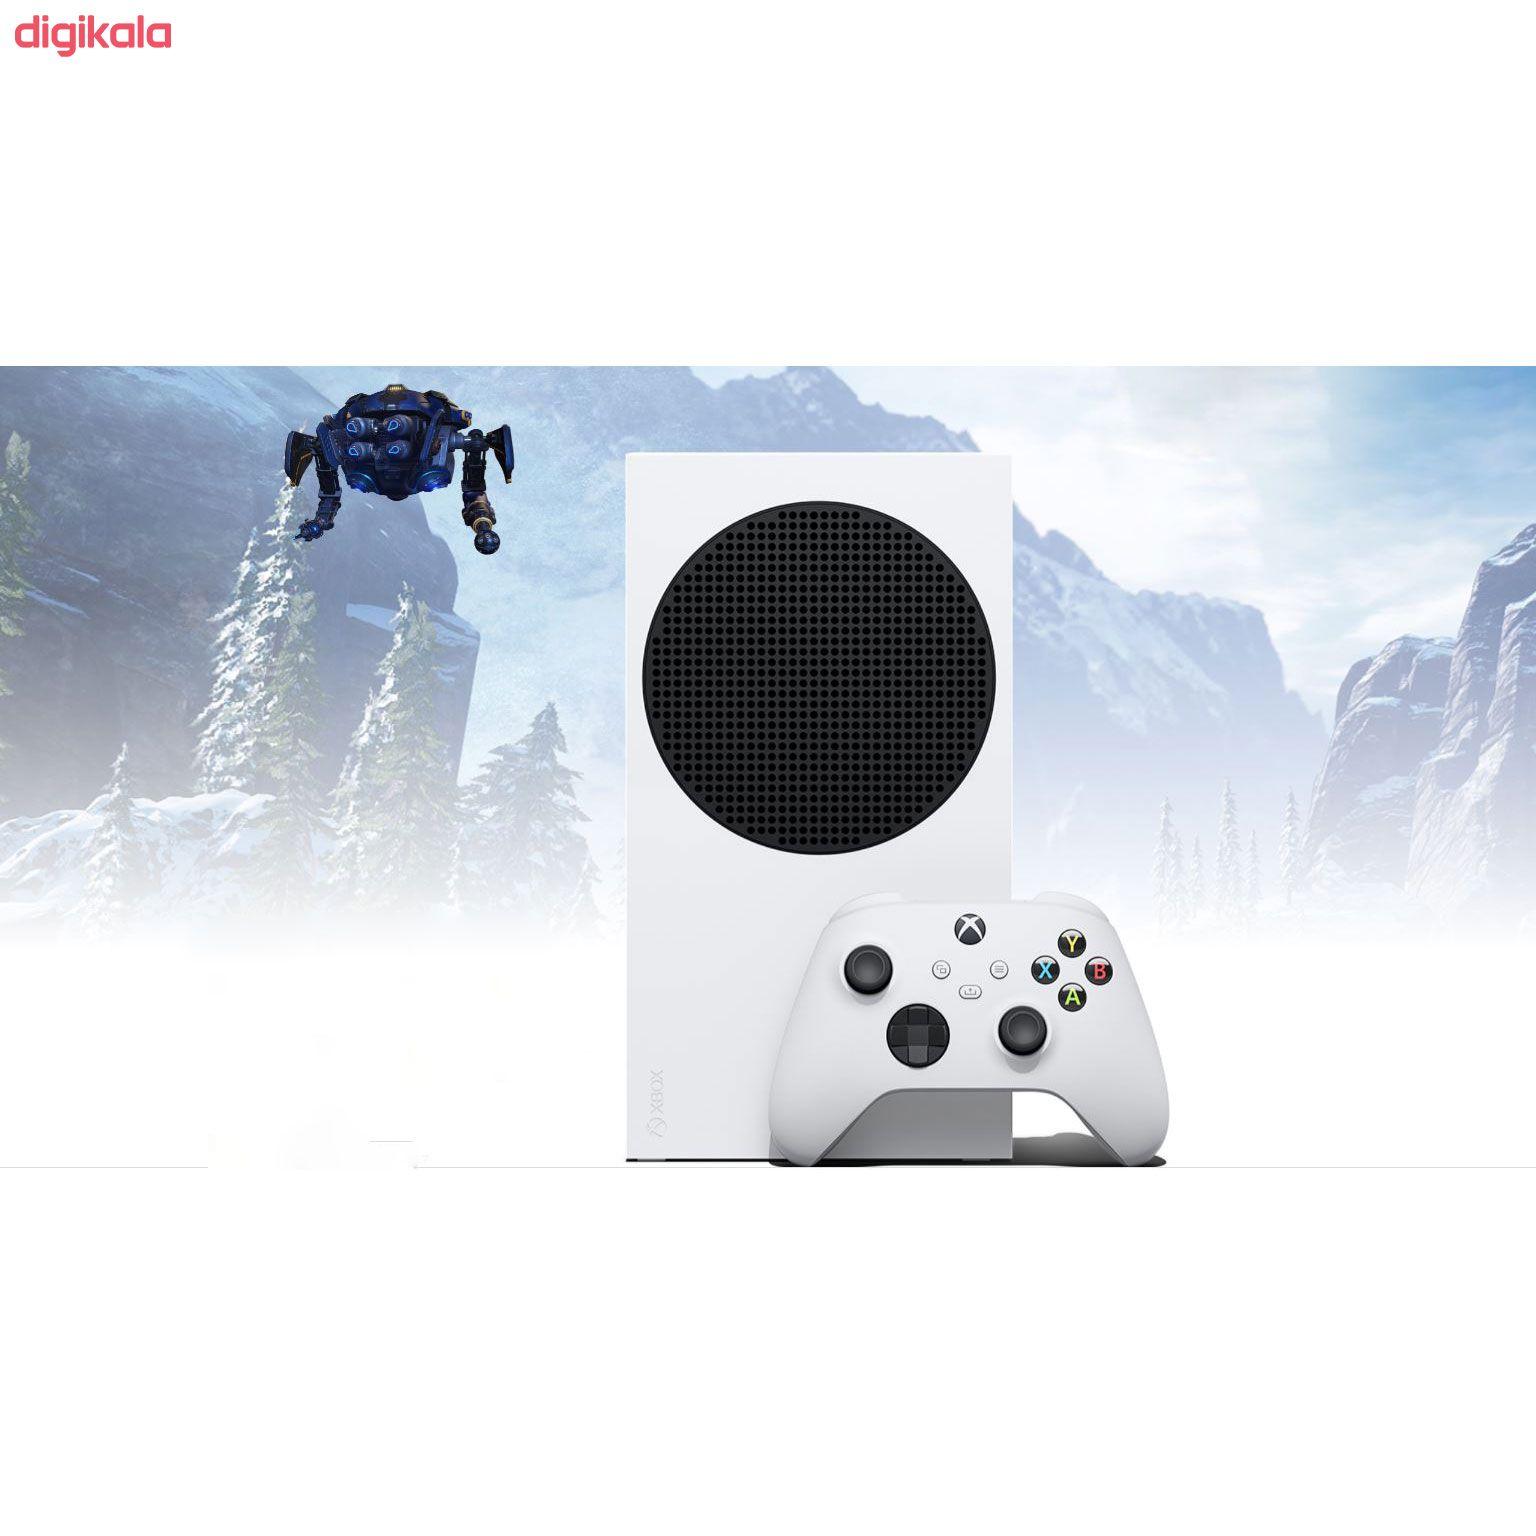 کنسول بازی مایکروسافت مدل XBOX SERIES S ظرفیت 512 گیگابایت main 1 16